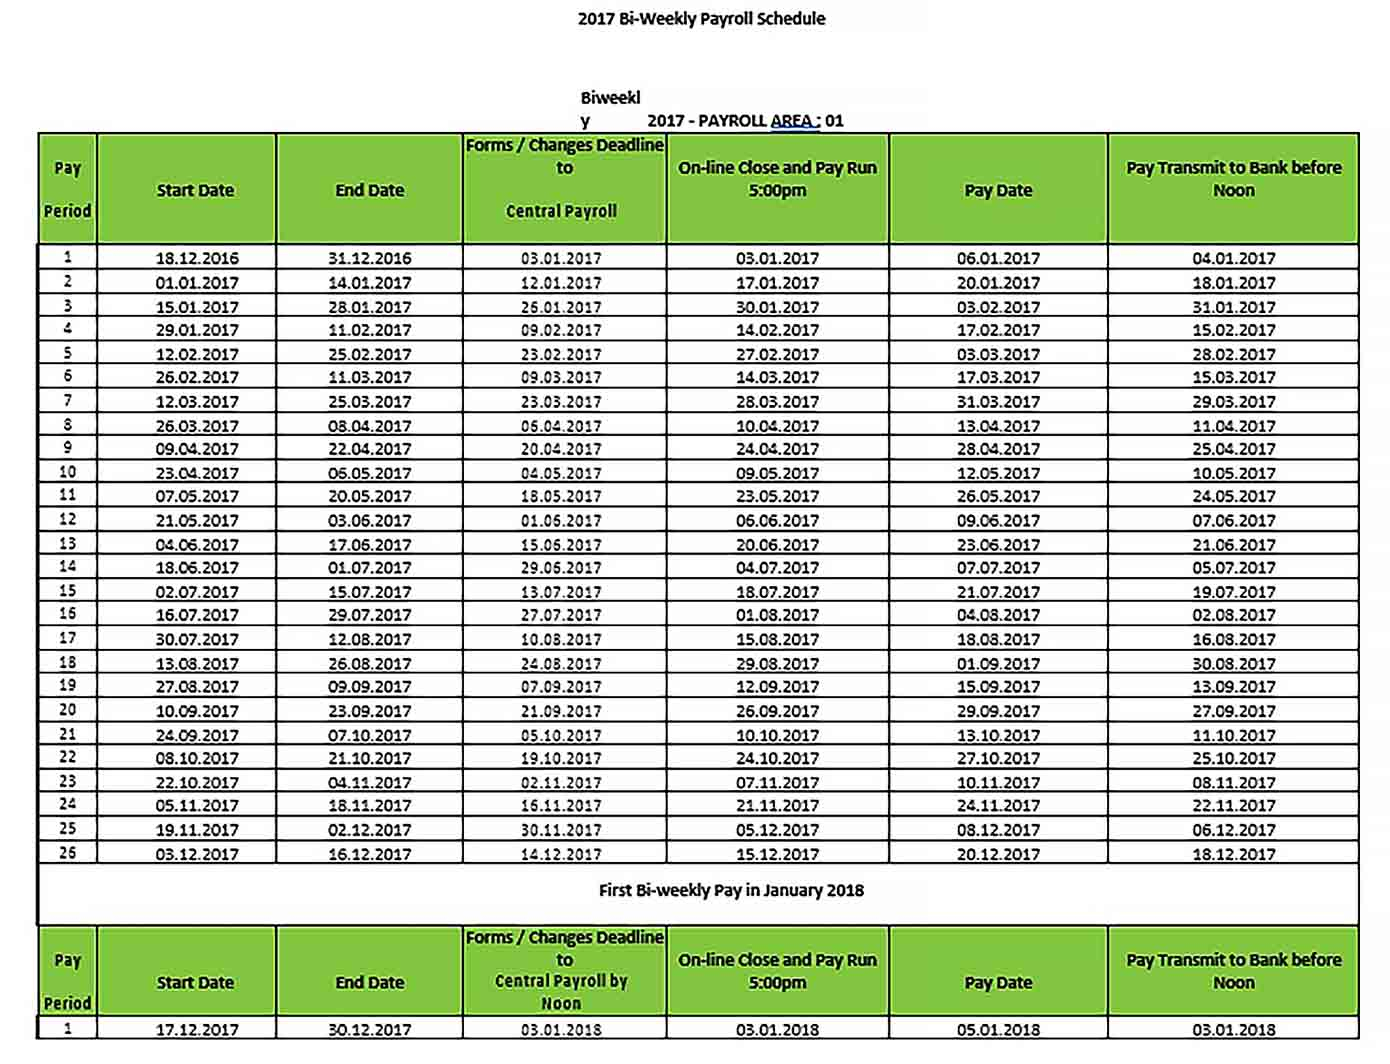 Payroll Schedule Template - Culturopedia